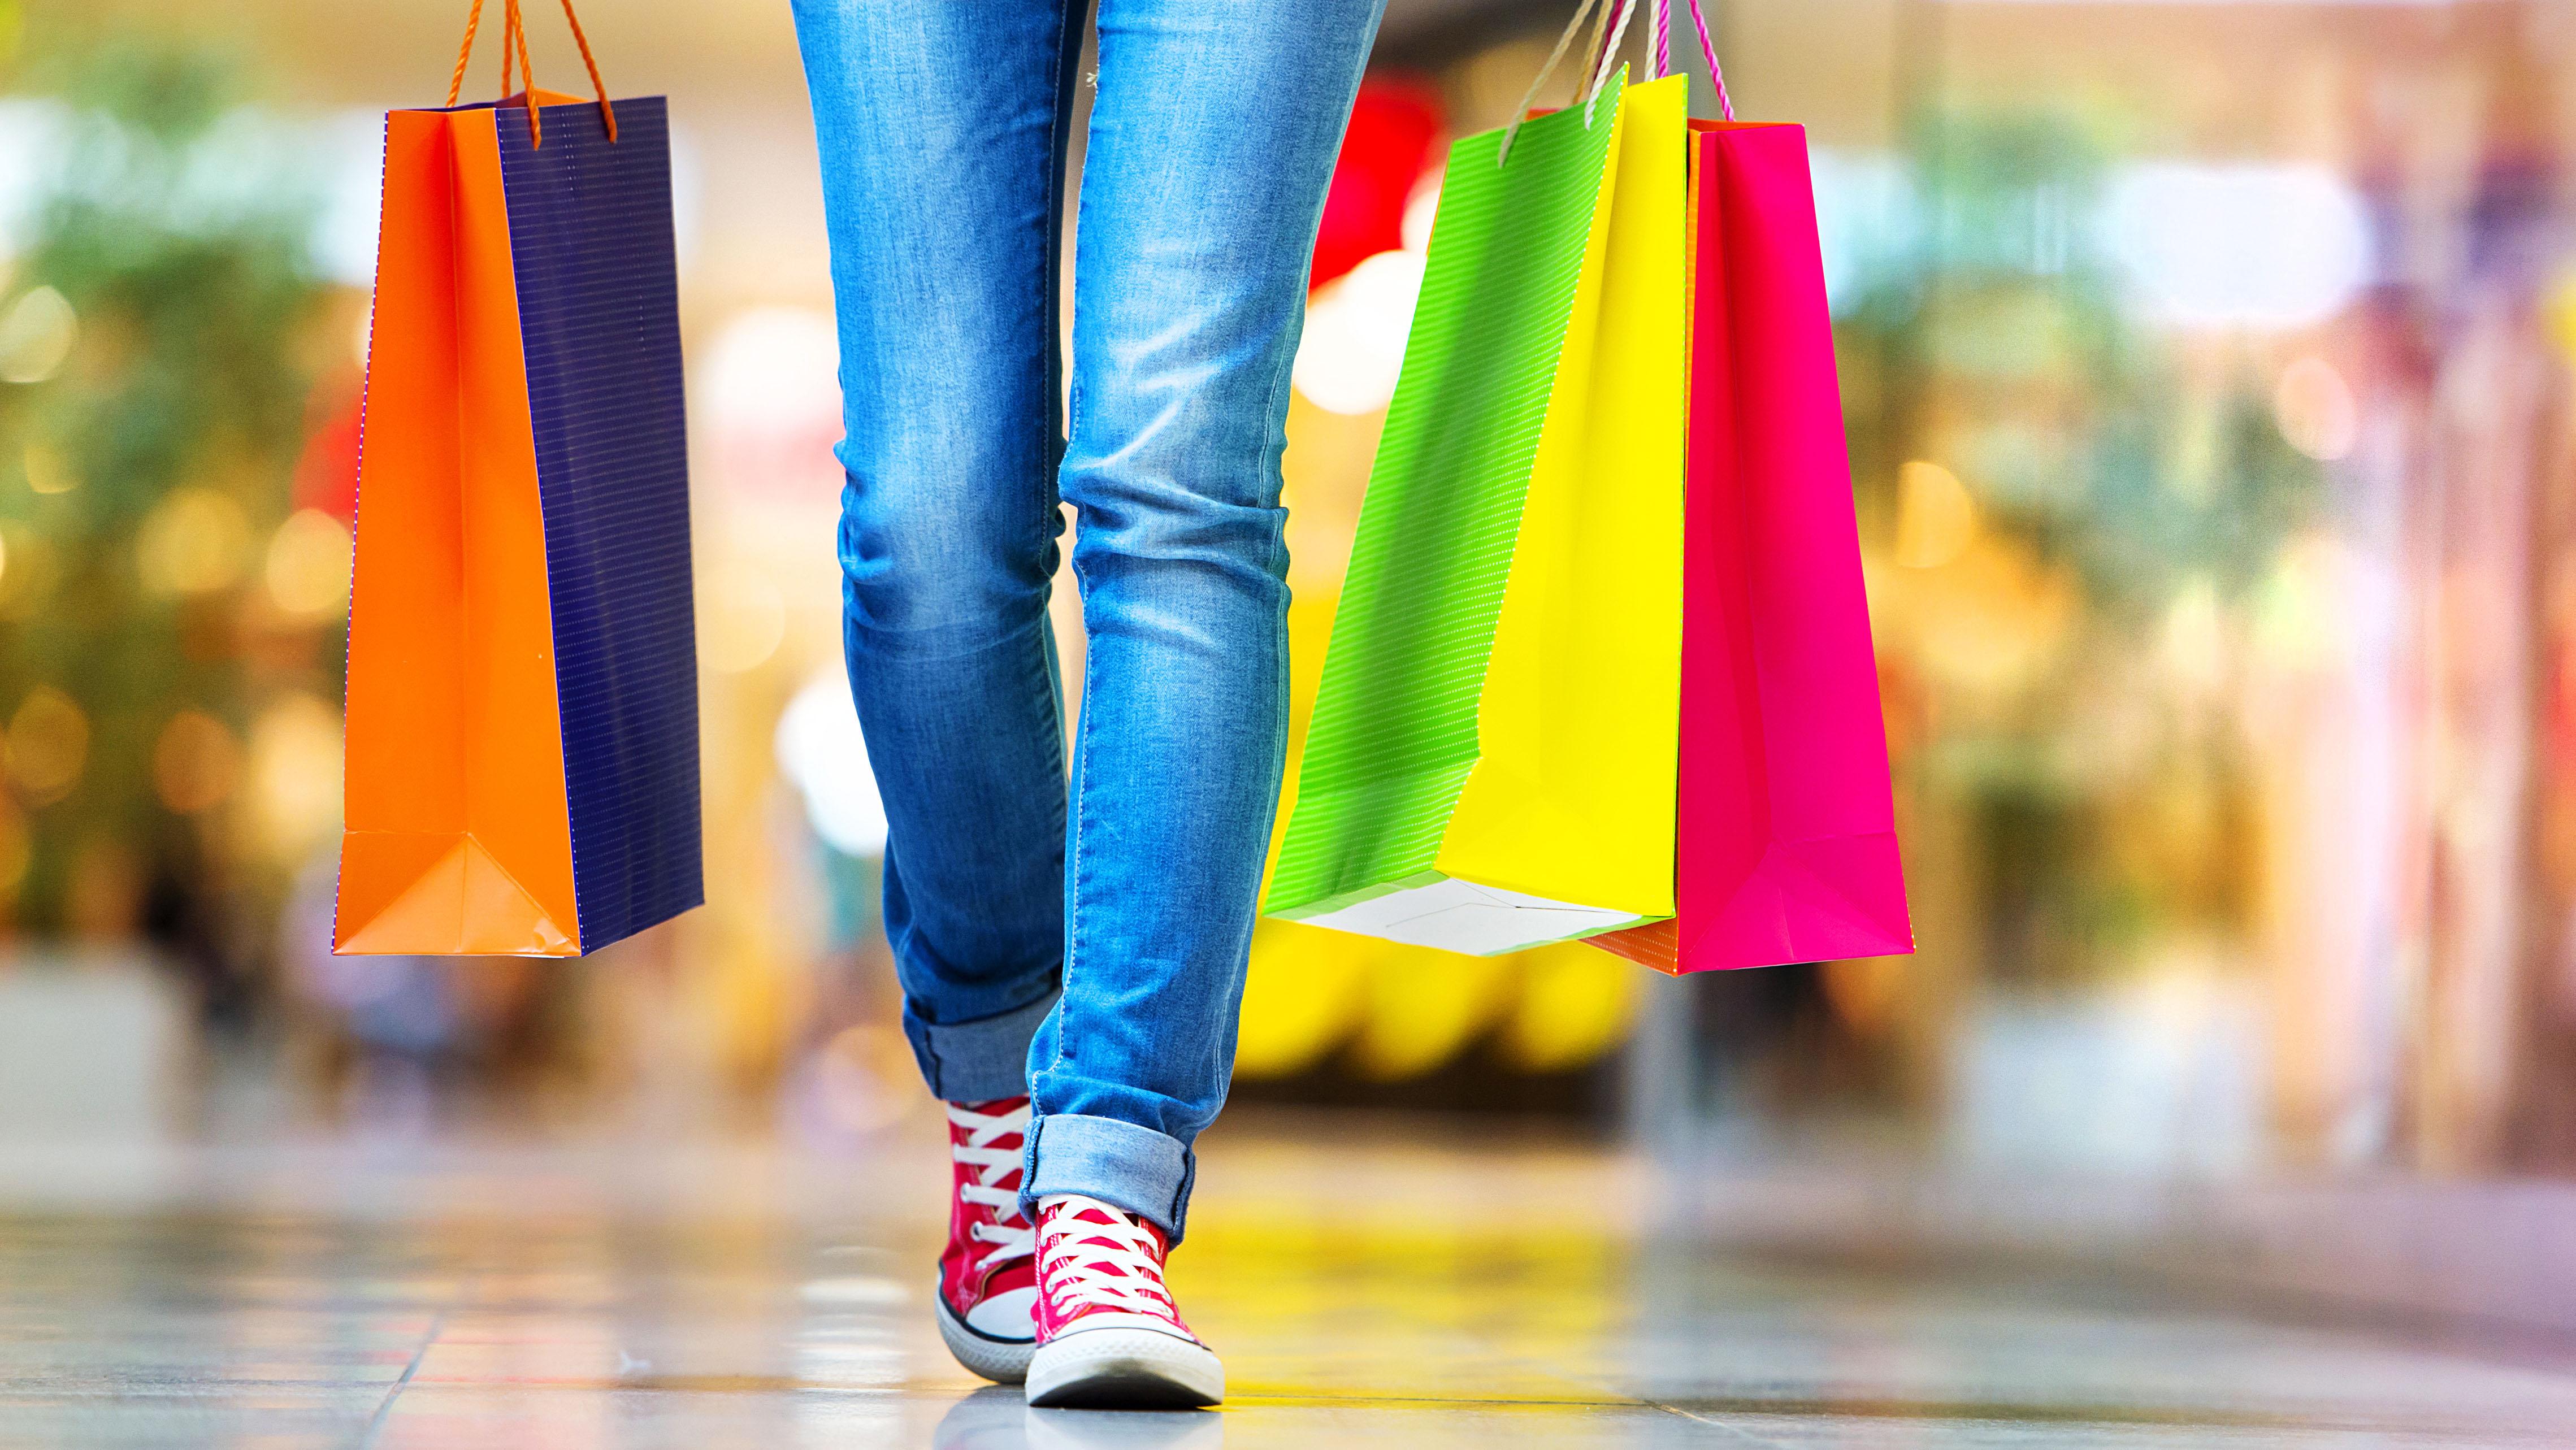 Welke Winkelketens Zijn Open En Bij Welke Webwinkels Kan Ik Terecht Radar Het Consumentenprogramma Van Avrotros